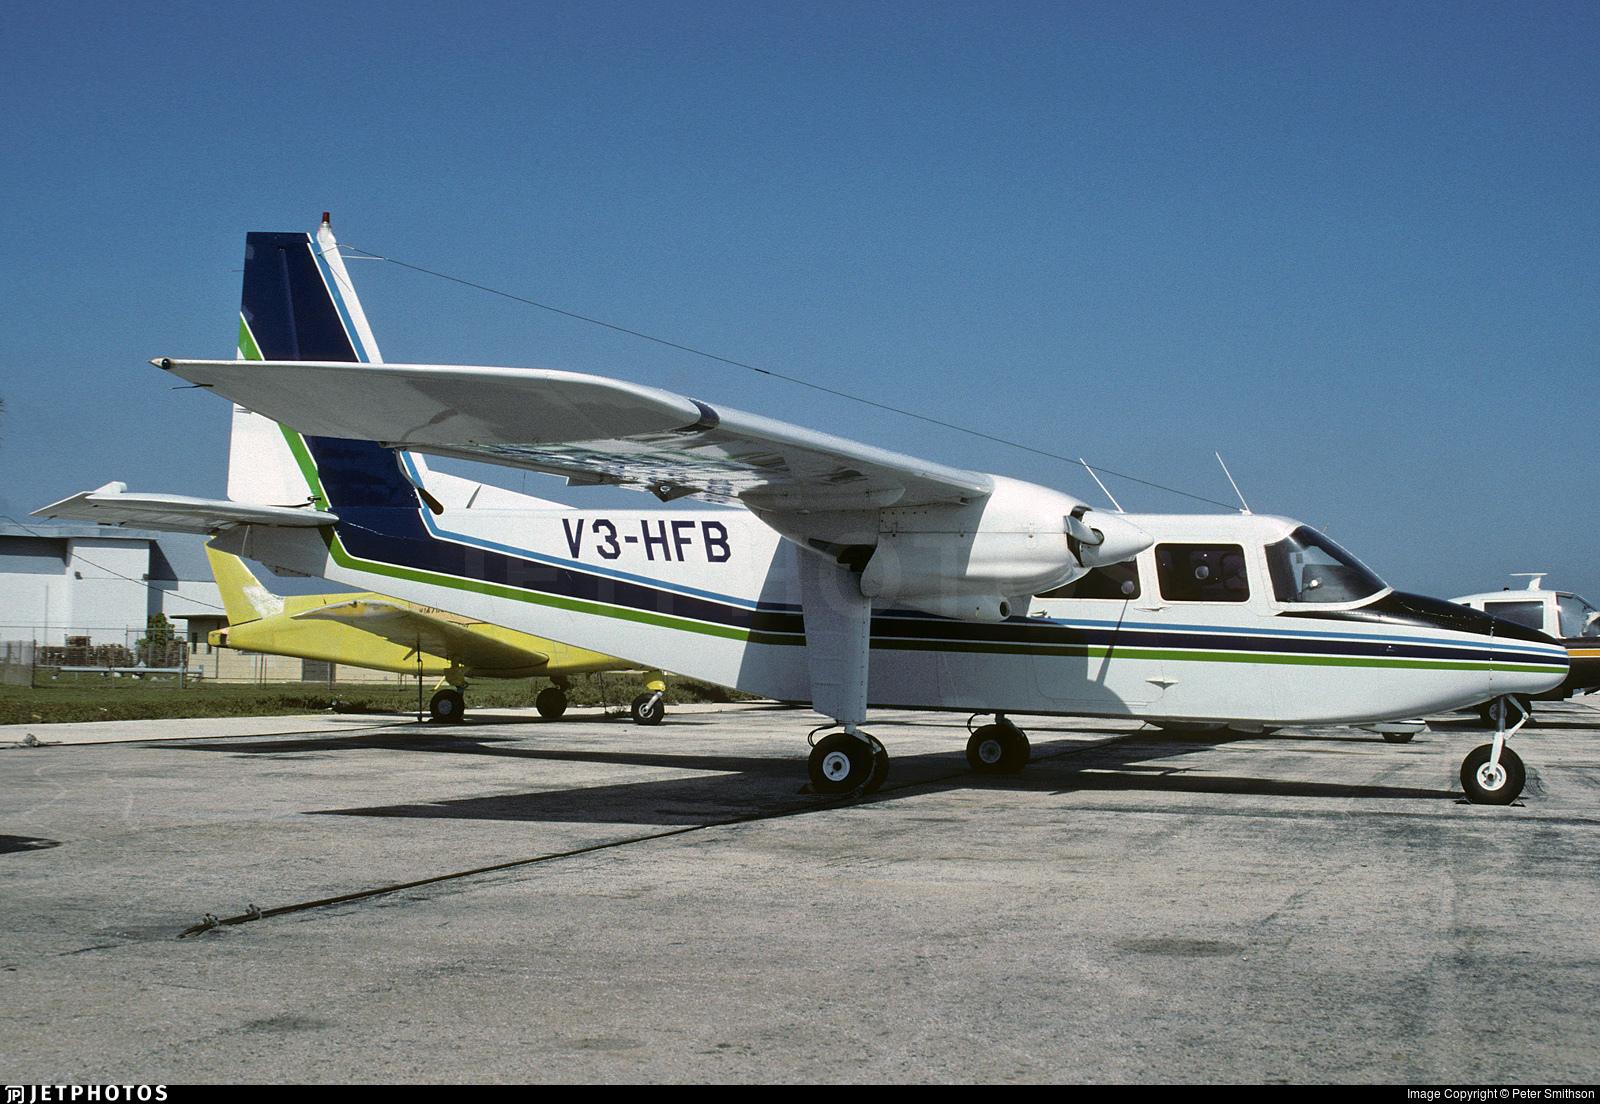 V3-HFB - Britten-Norman BN-2B-21 Islander - Britten-Norman Aircraft